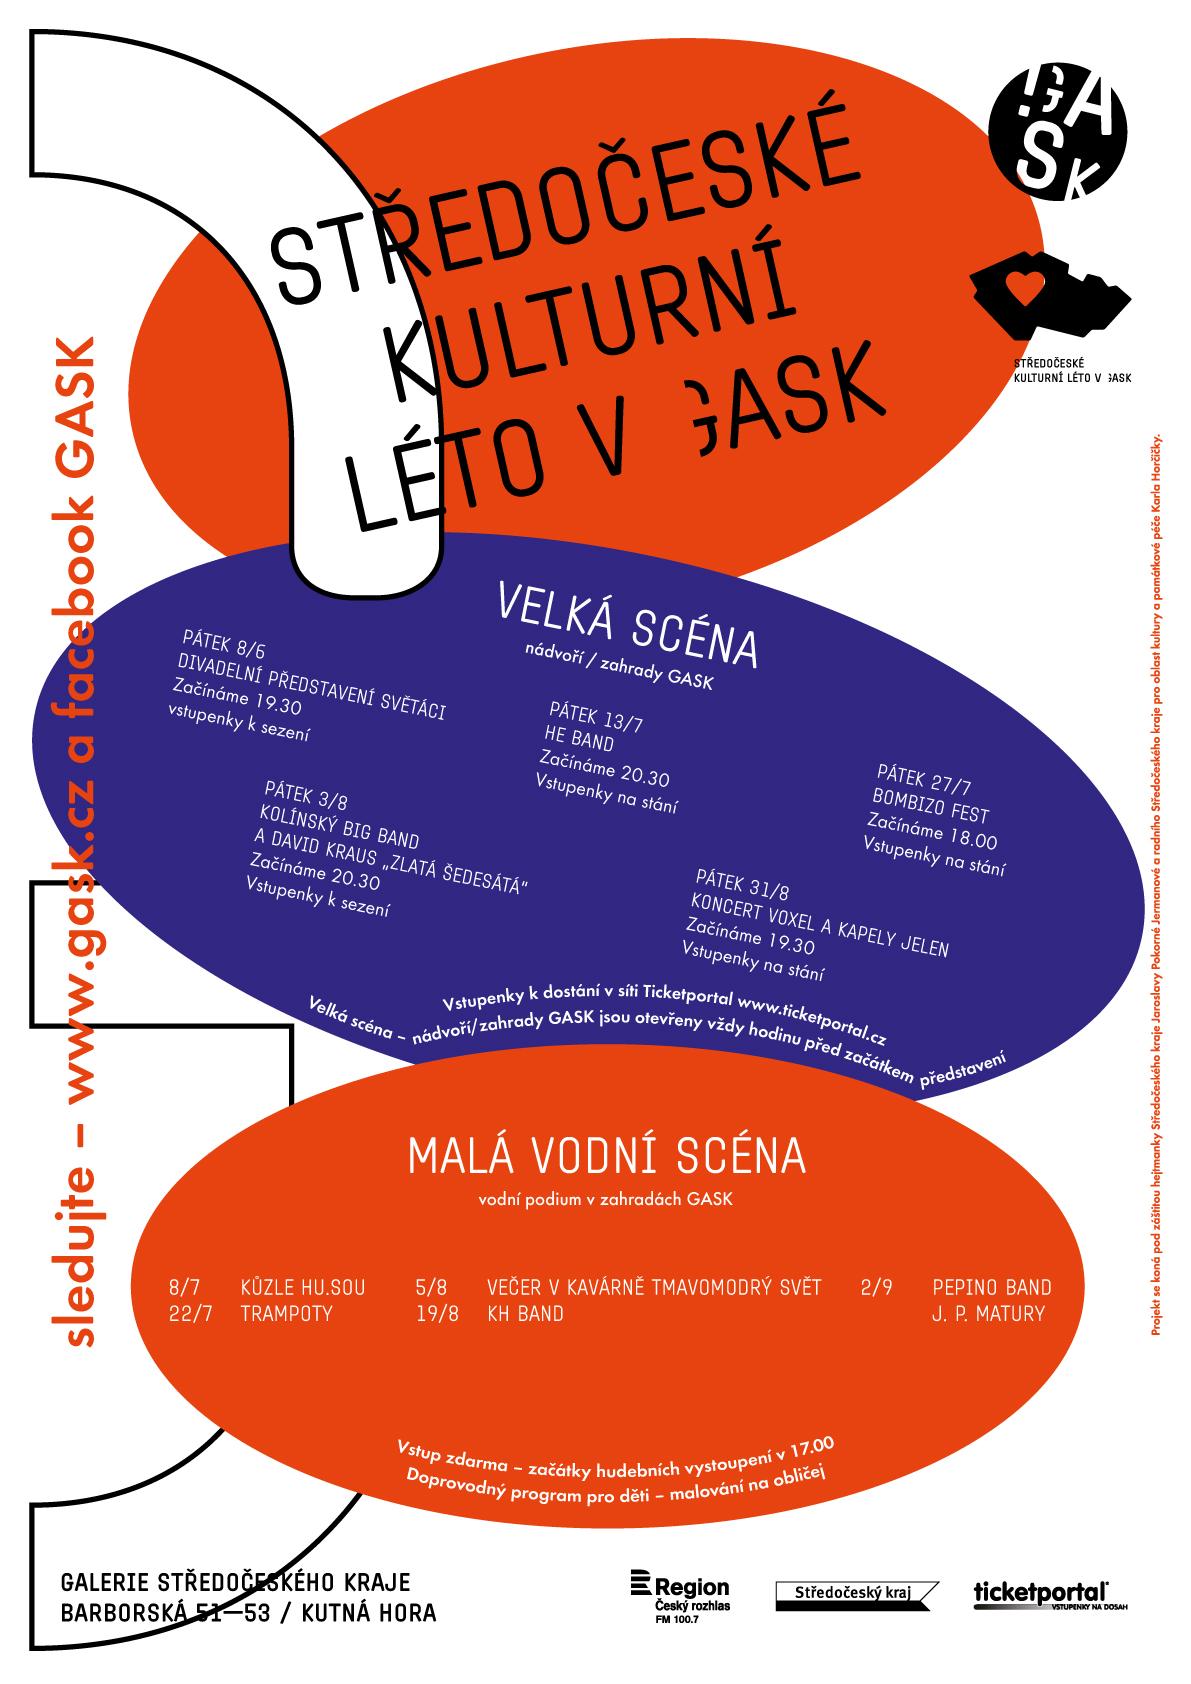 3963-gask-klg-a2-spolecny-plakat.jpg